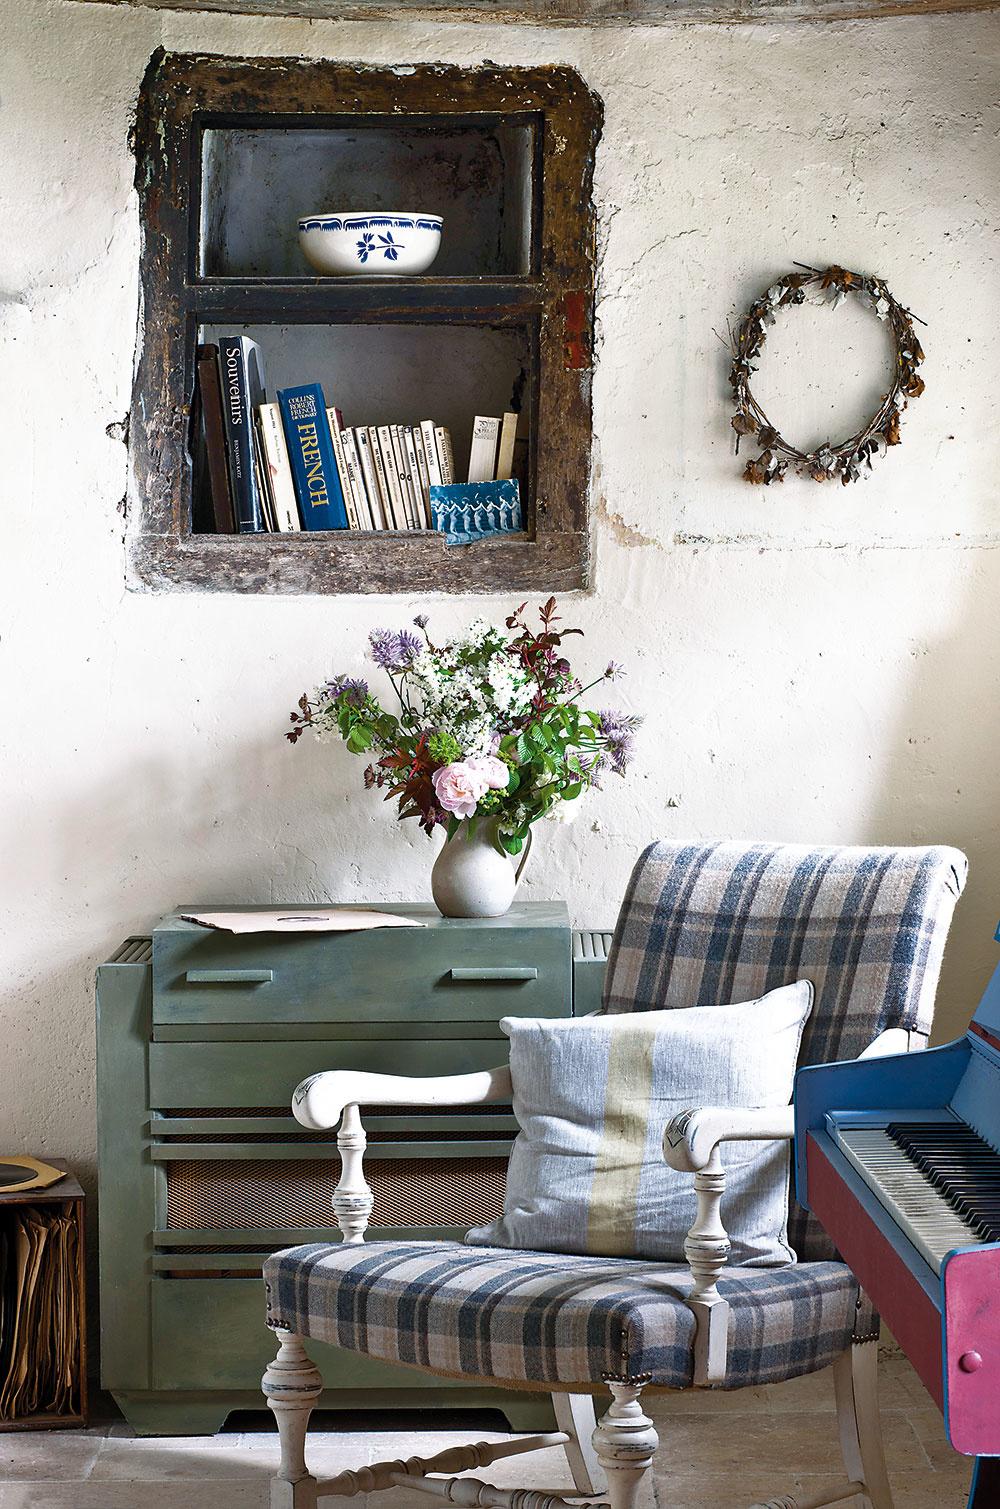 Pôvabné zákutia vytvorila majiteľka vcelom dome. Svojou malebnosťou pútajú pozornosť azároveň definujú jednotlivé priestory.